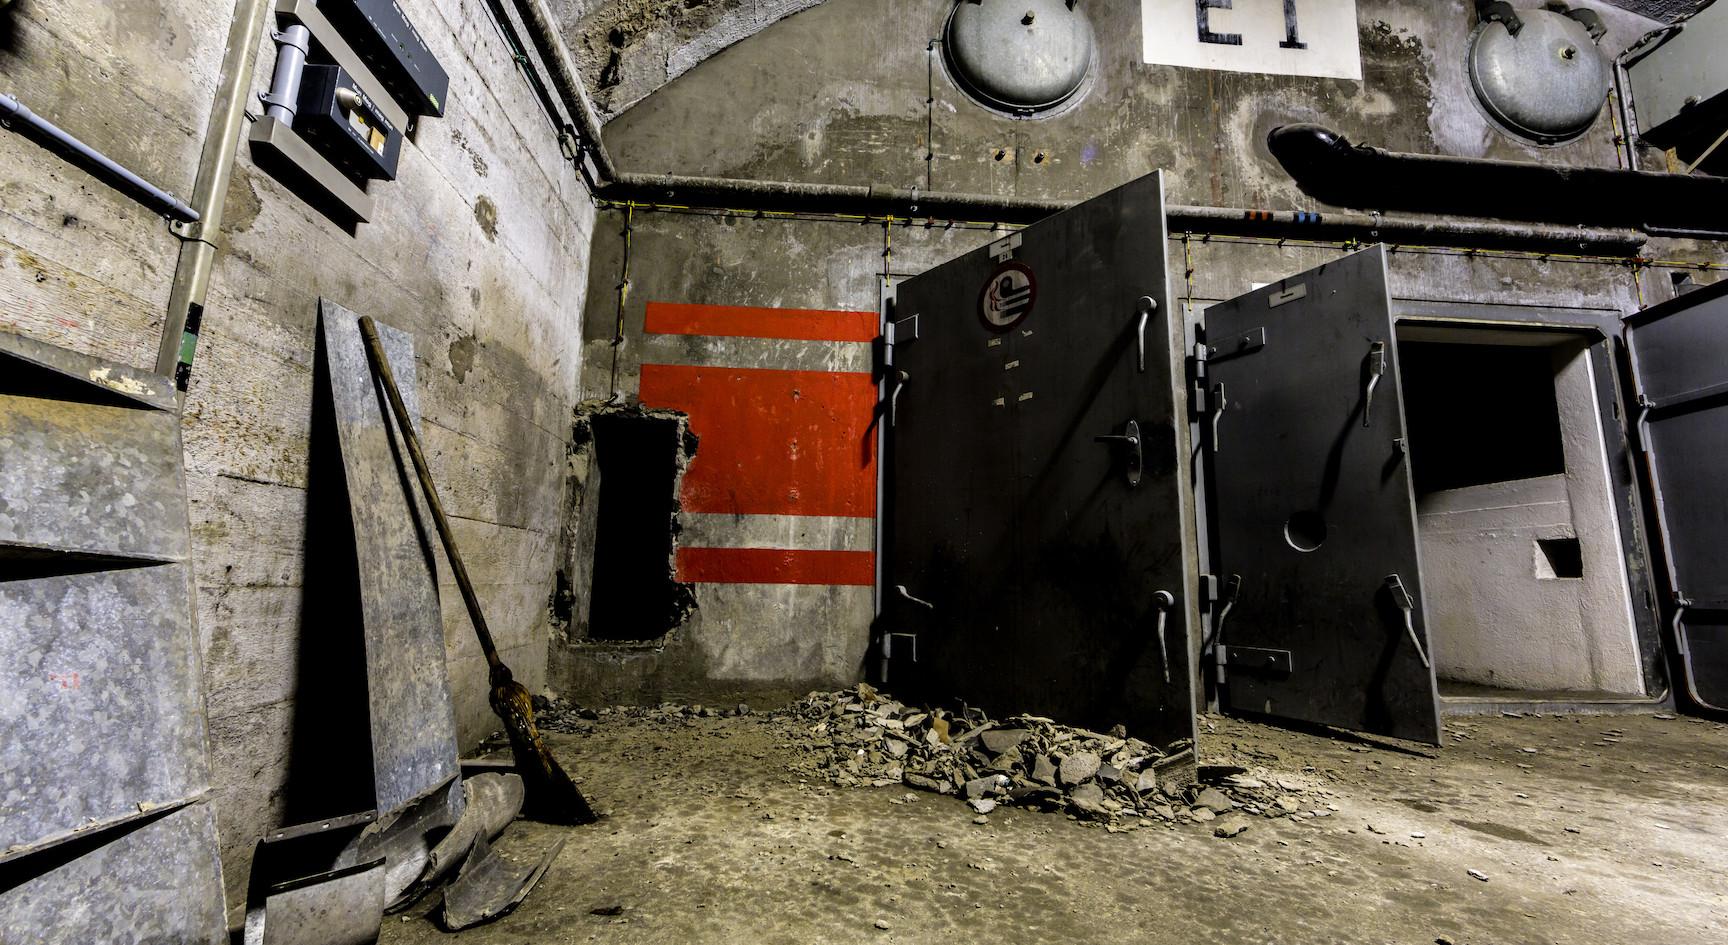 Migliaia di granate erano conservate nelle enormi caverne delle munizioni...